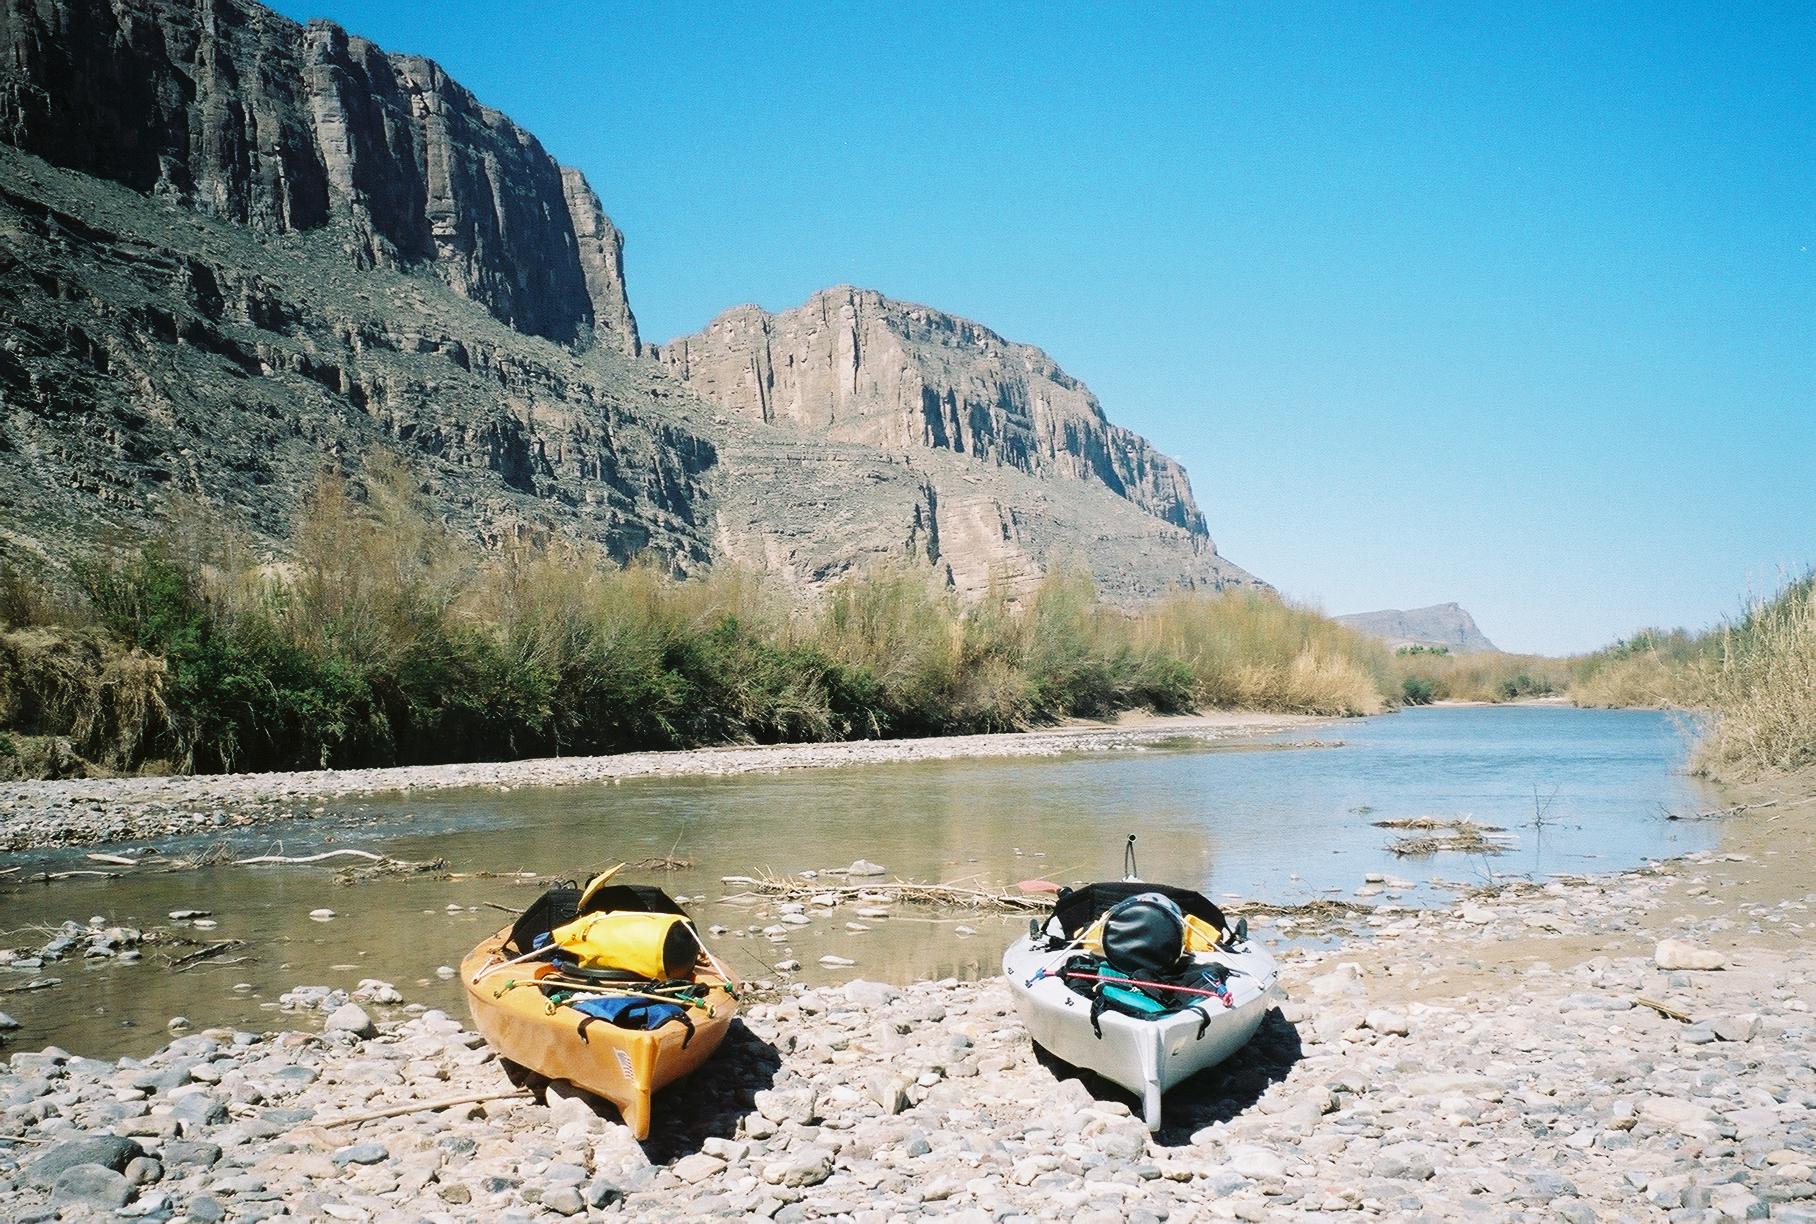 Kayaking the Rio Grande